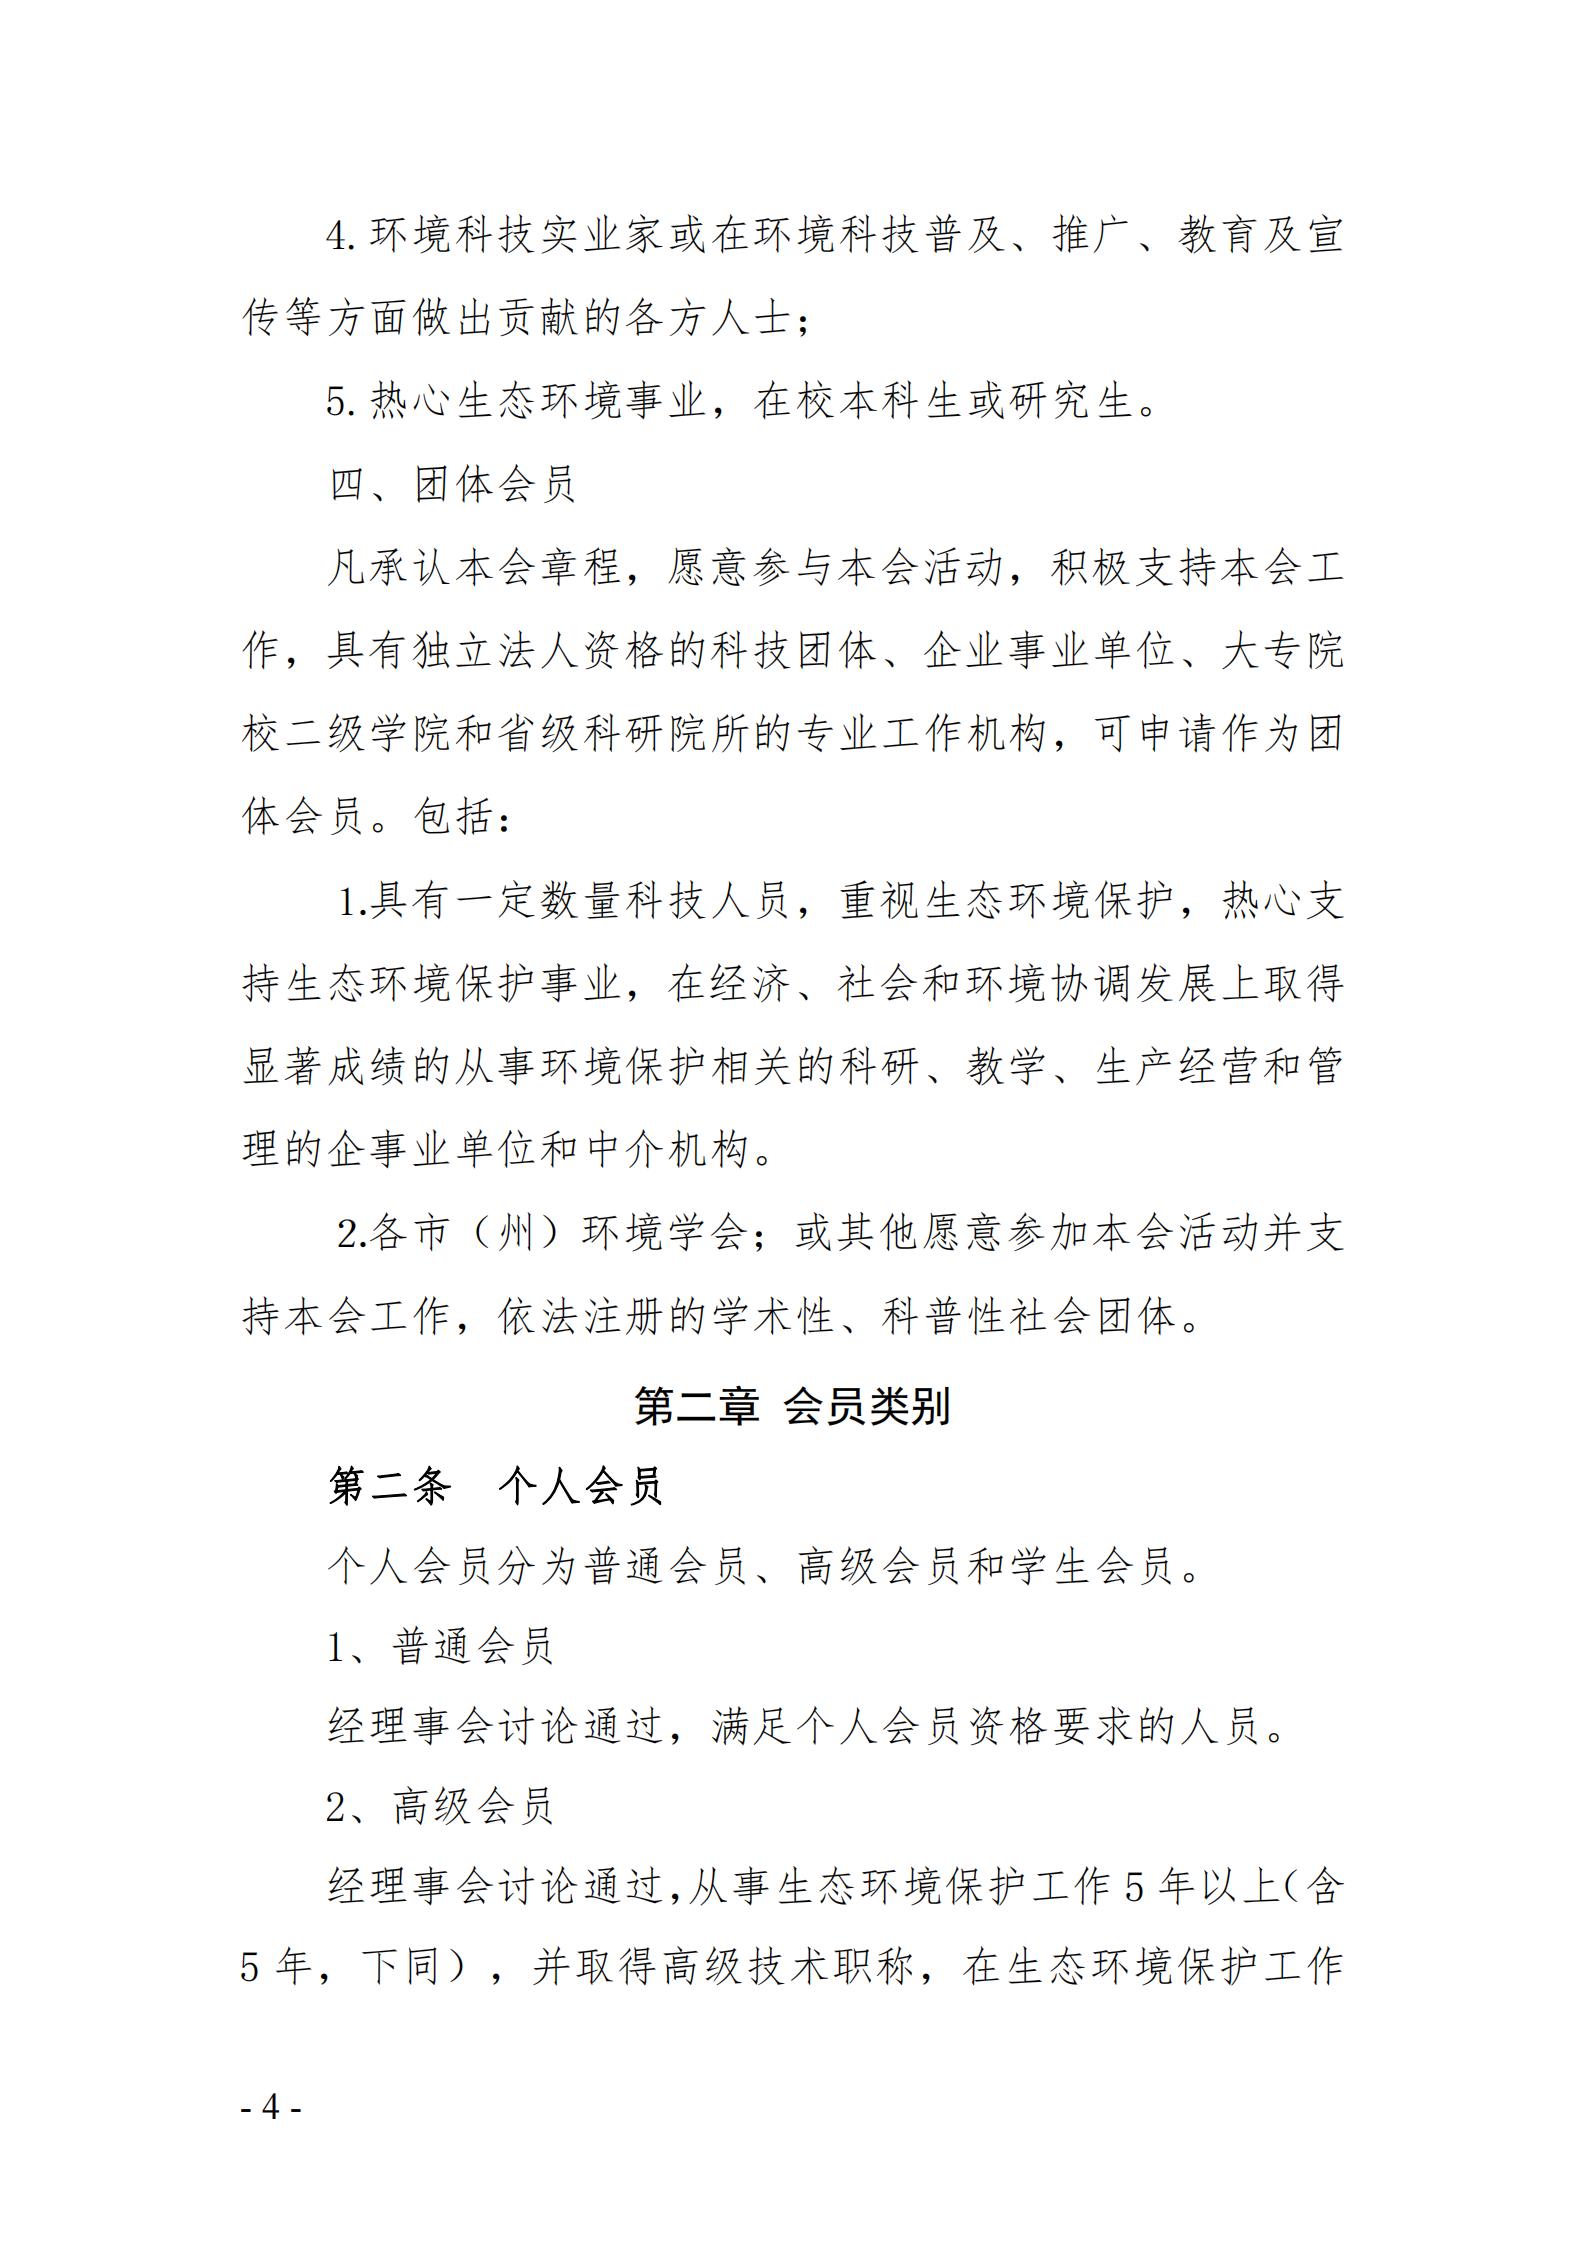 甘环学发【2021】3号 关于缴纳2021年甘肃省环境科学学会团体会员会费的通知_03.png